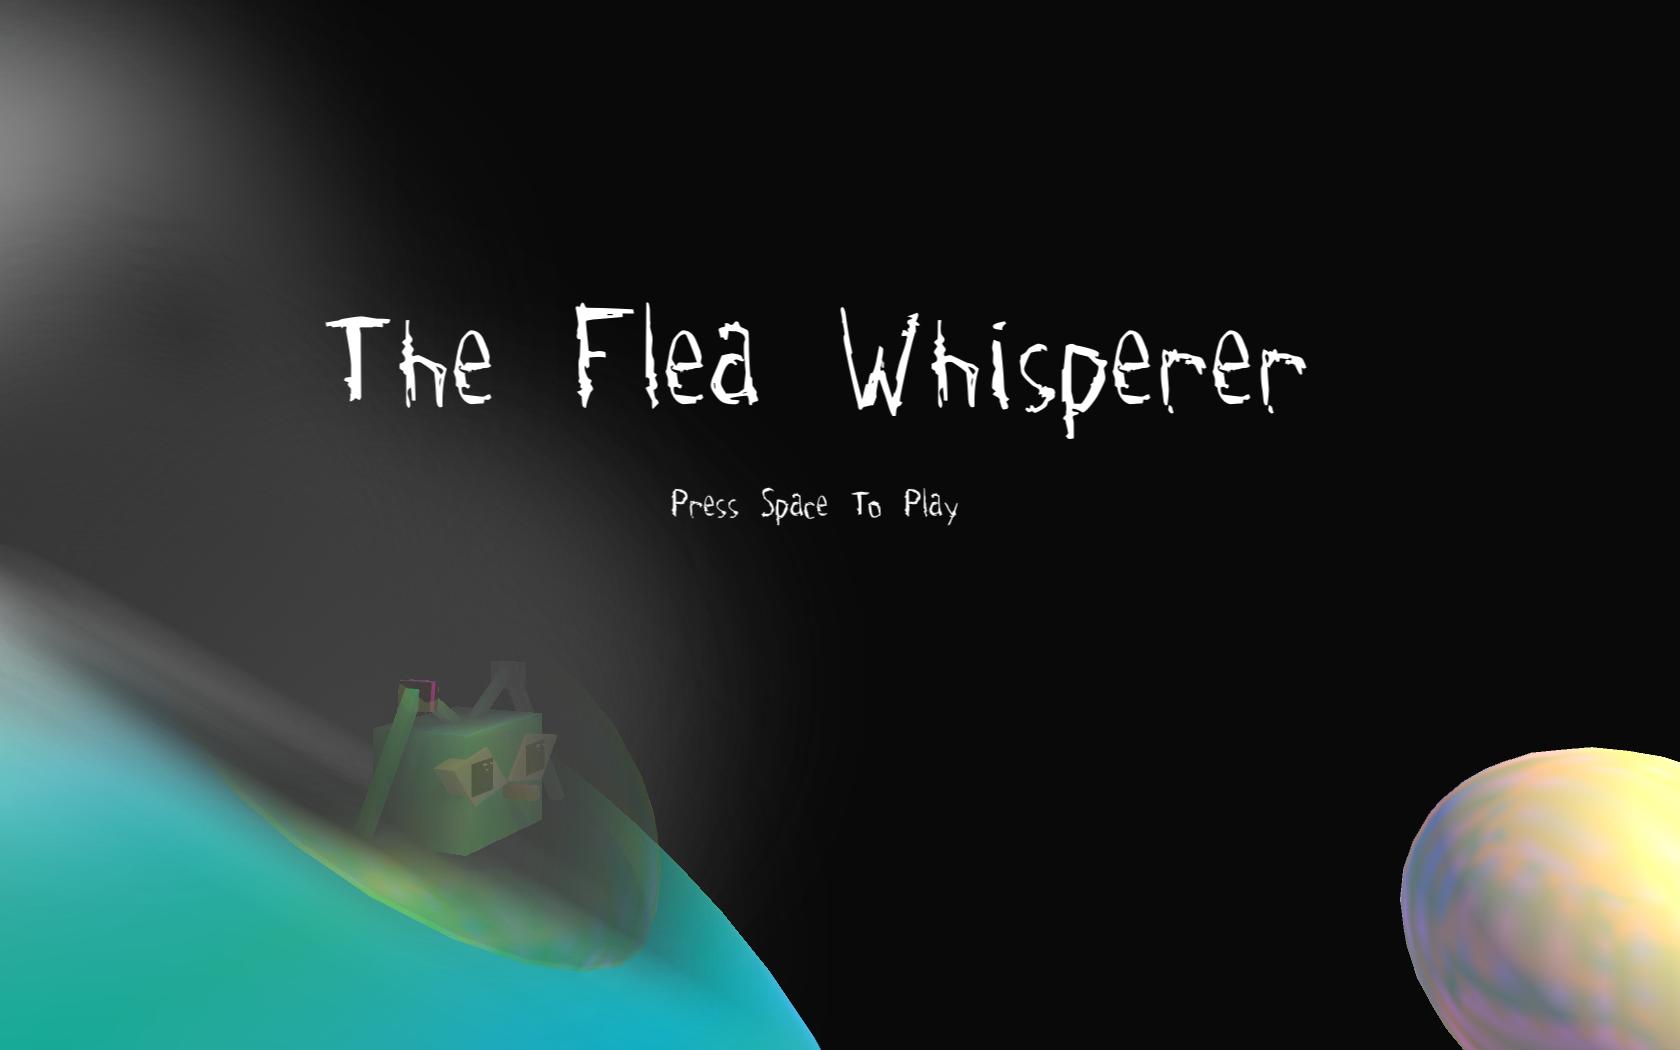 The Flea Whisperer